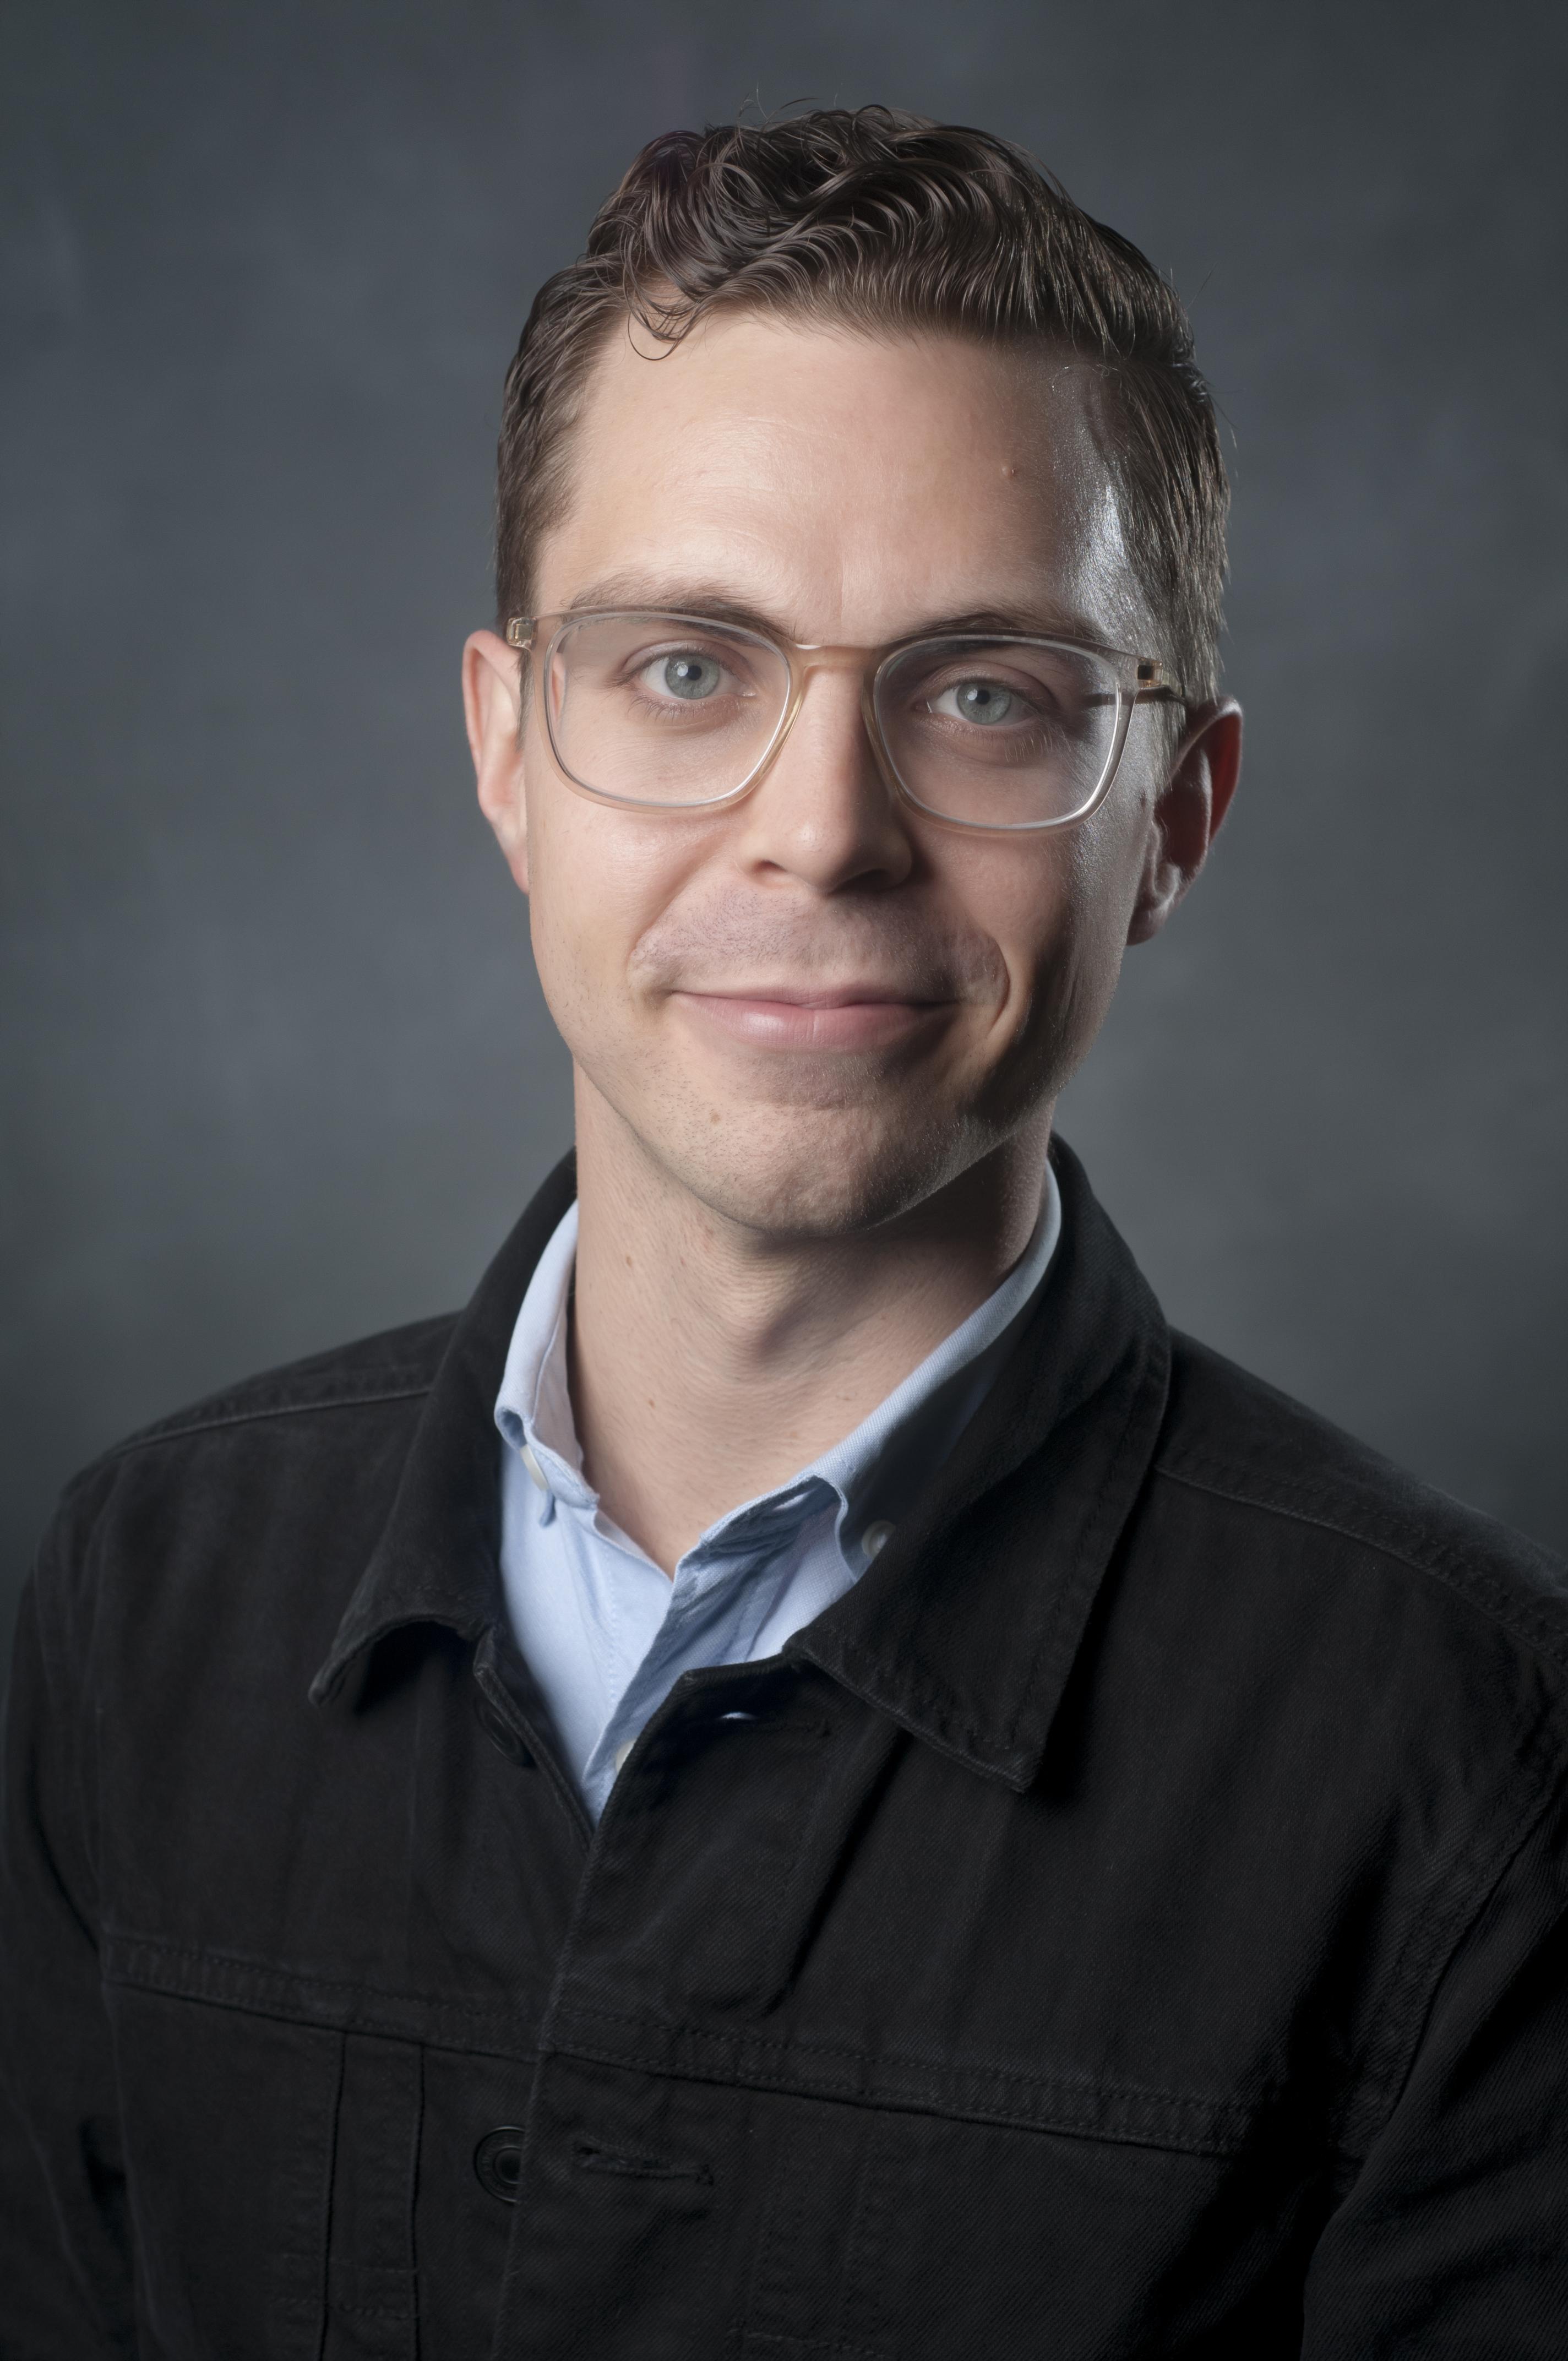 Austin Bauer